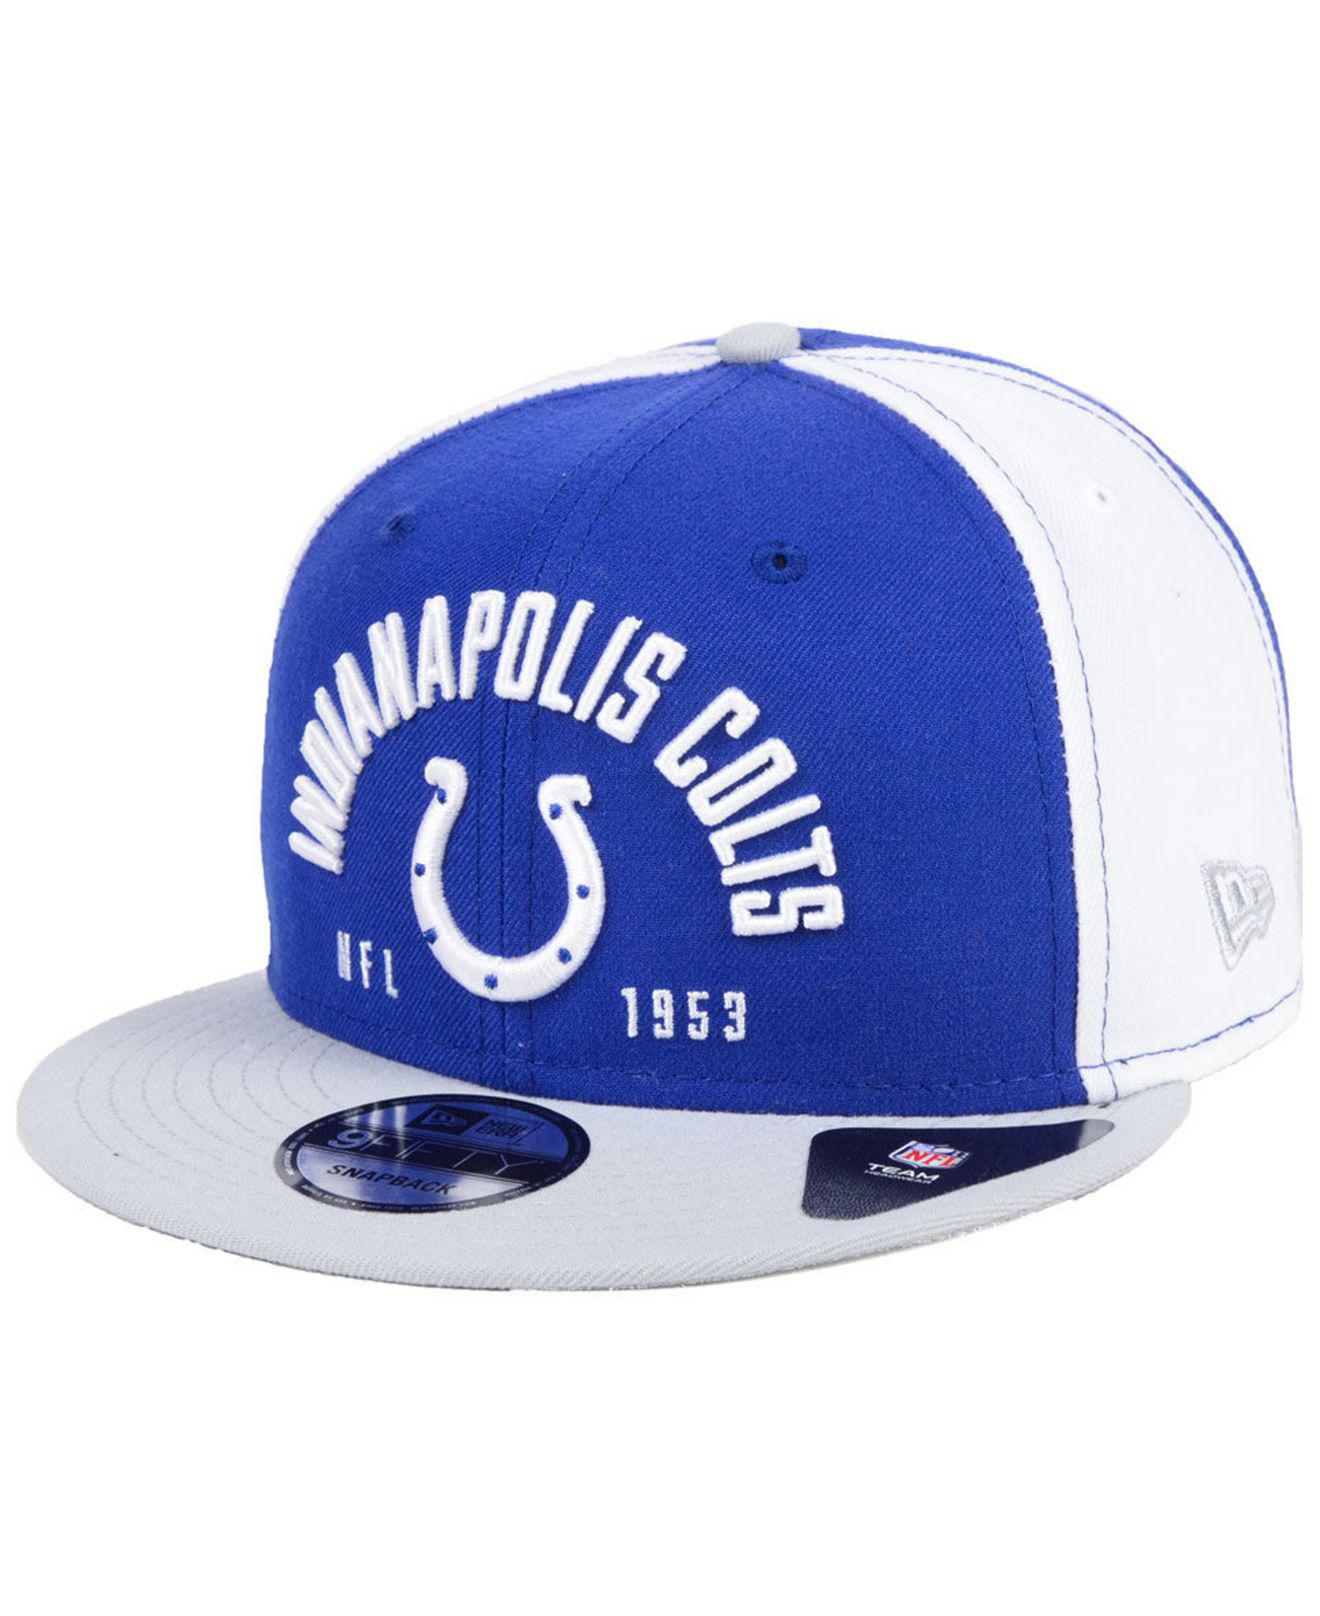 brand new 732eb f3dea shop new era nfl team color basic 9fifty snapback cap hats 35fac ef4d0   closeout ktz blue indianapolis colts establisher 9fifty snapback cap for  men lyst. ...